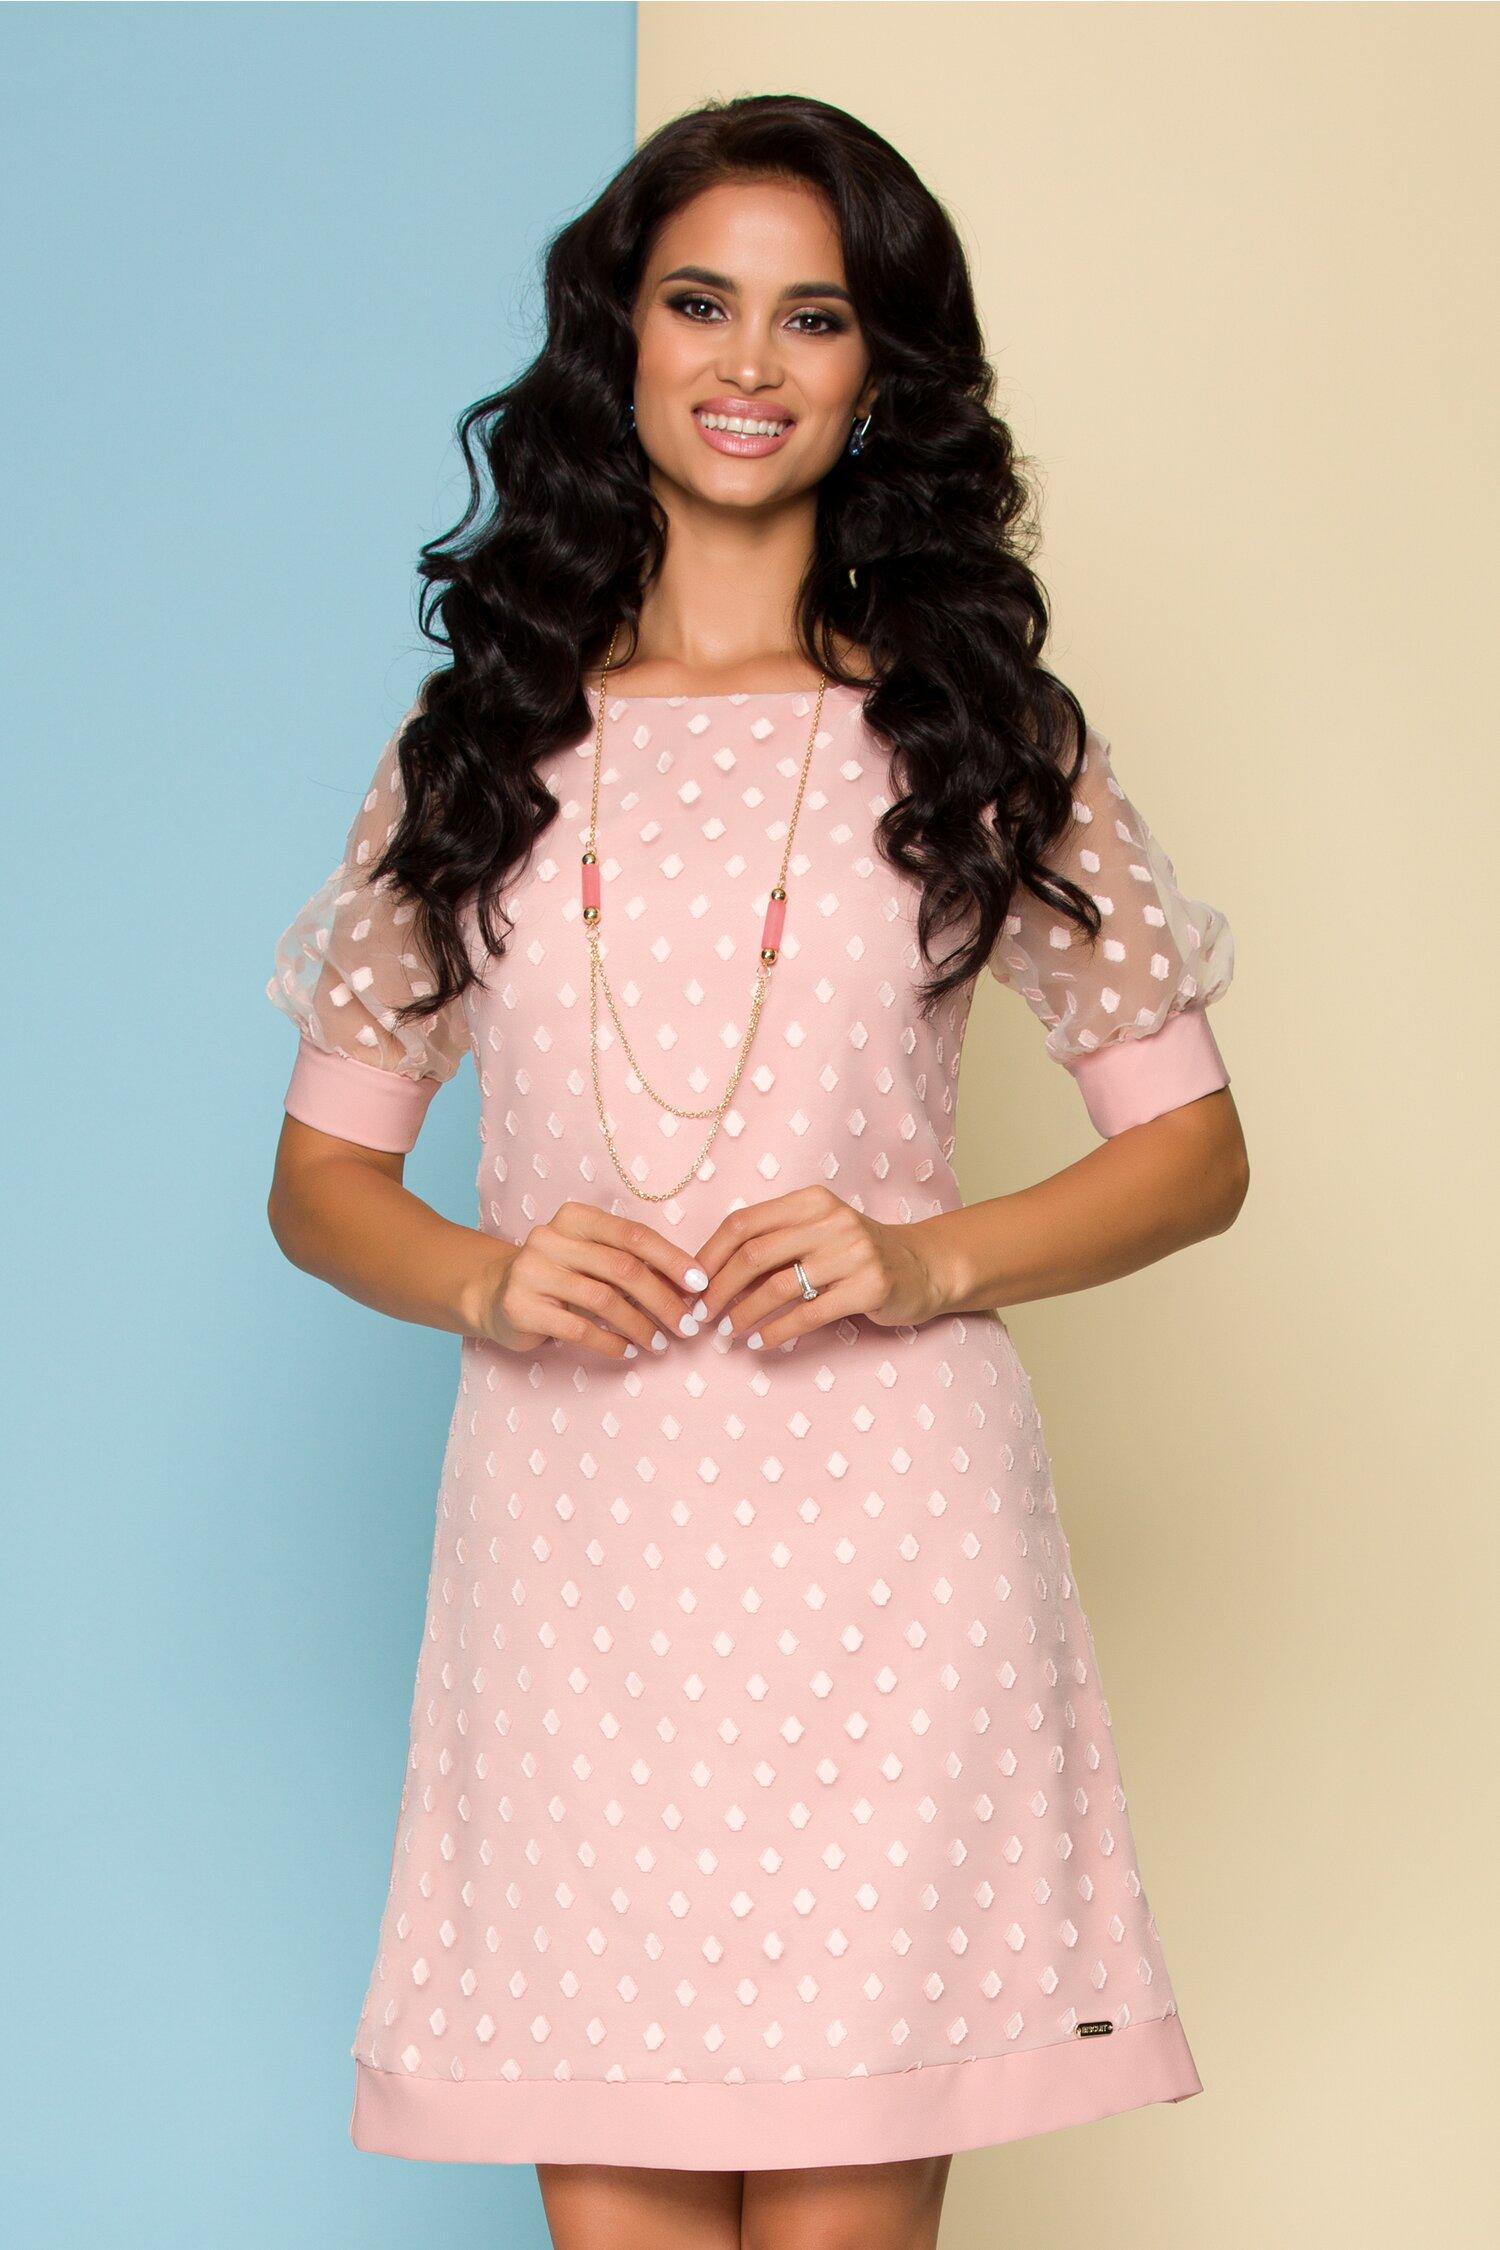 Rochie Farma roz cu organza pe fata si motive geometrice